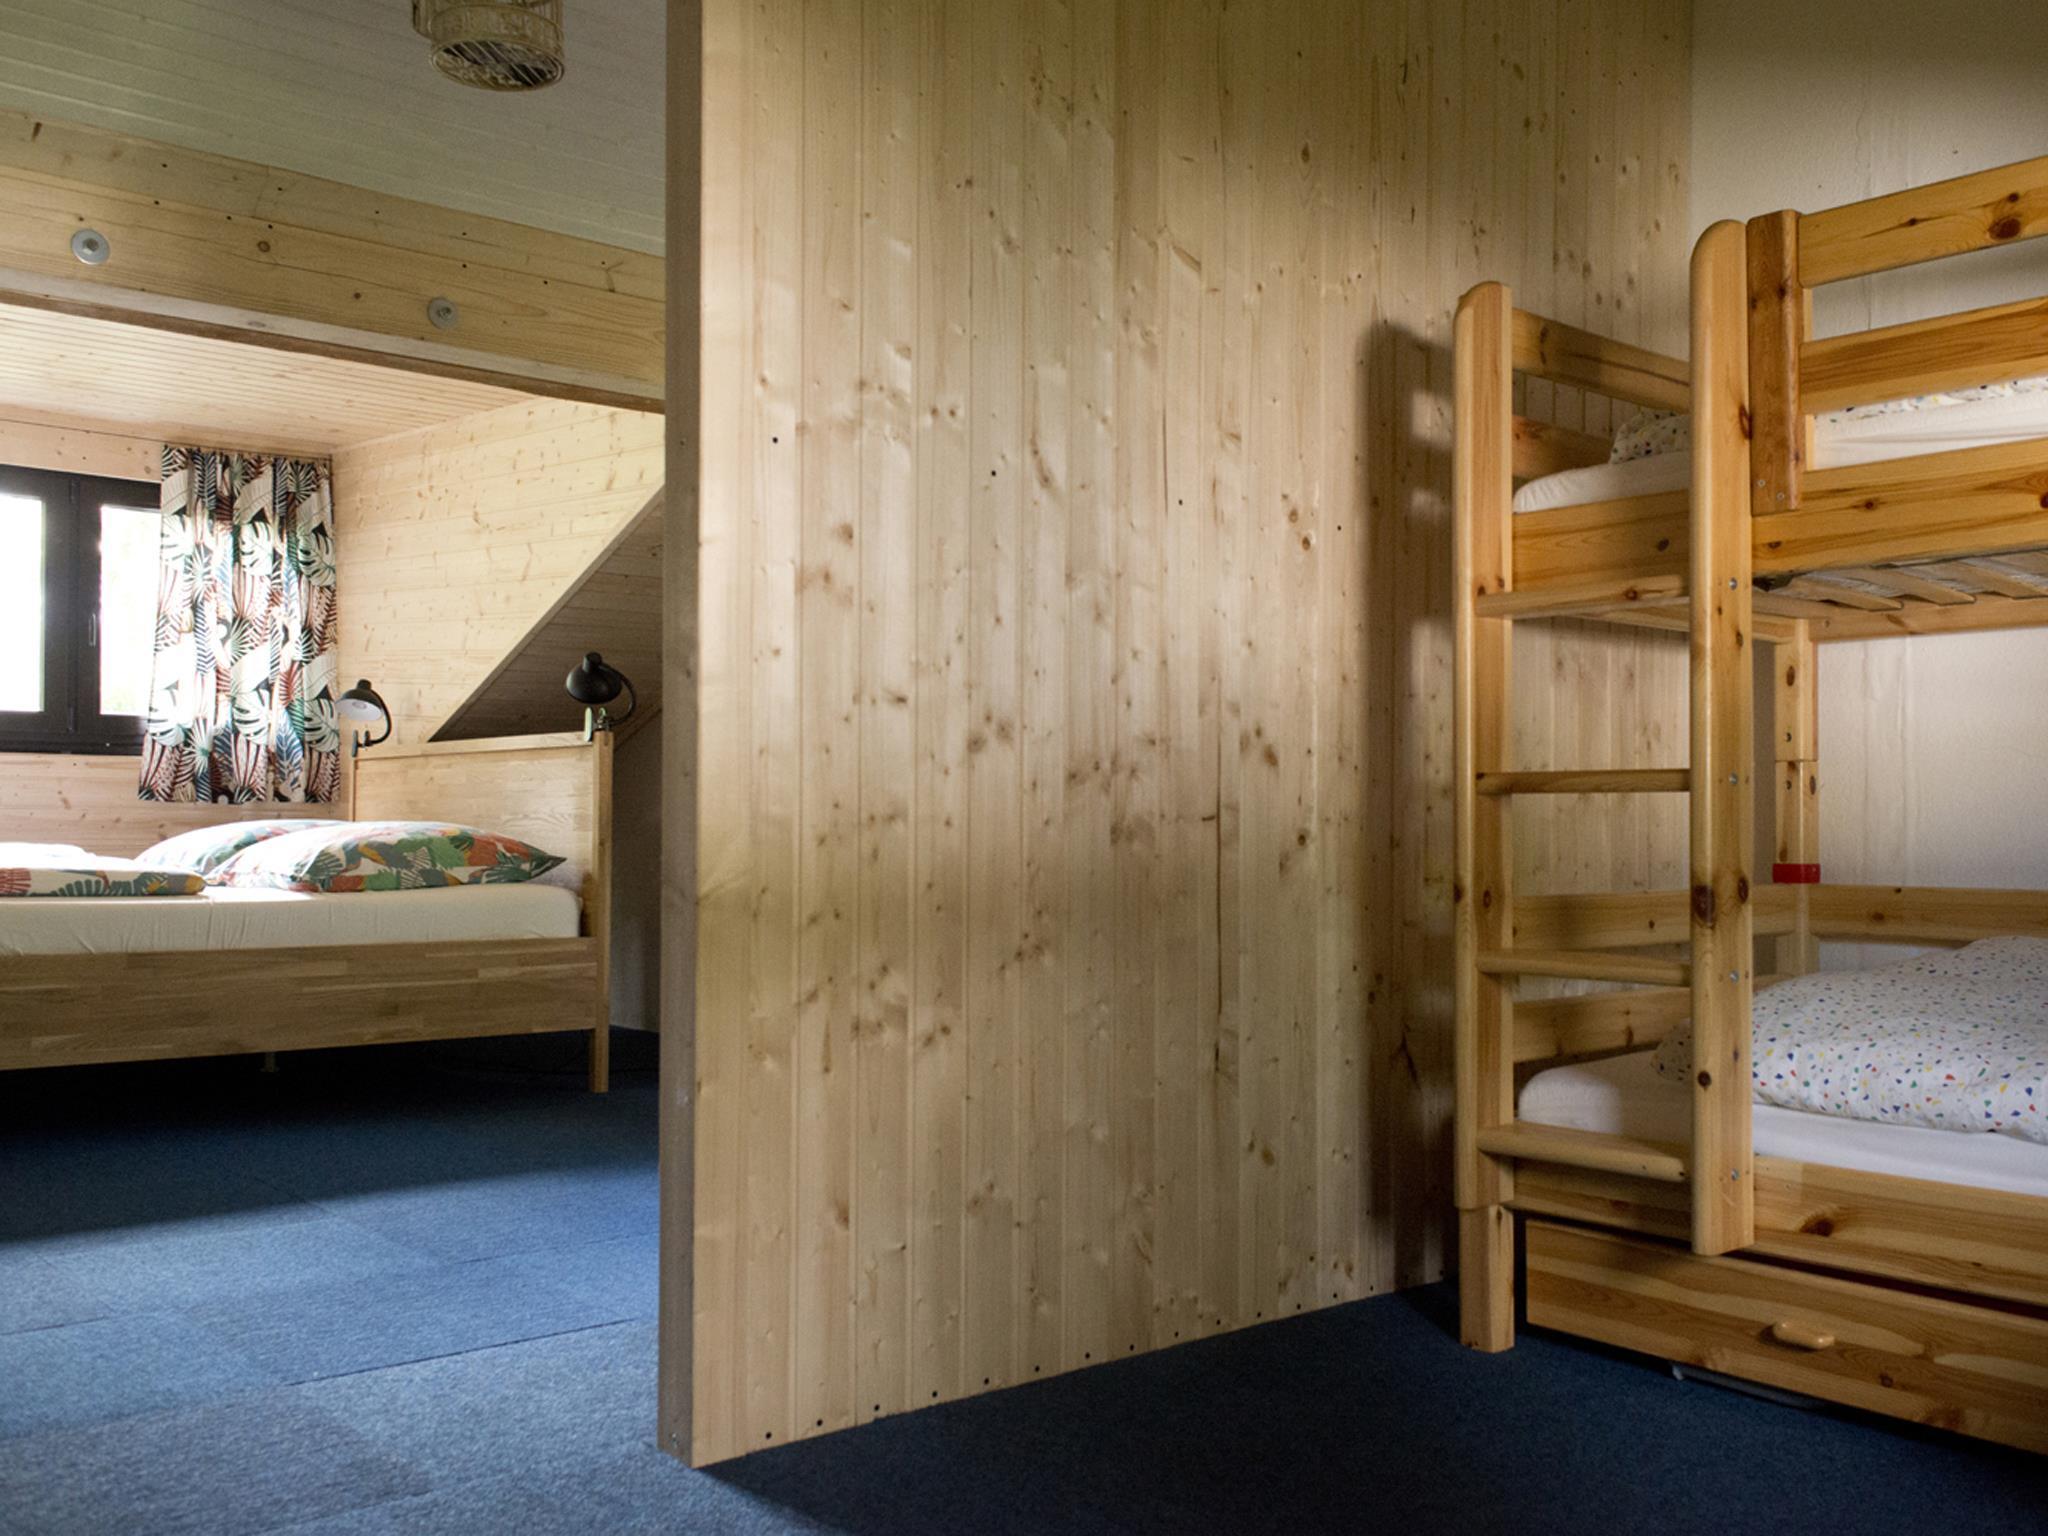 Schlafzimmer mit Zimmernische